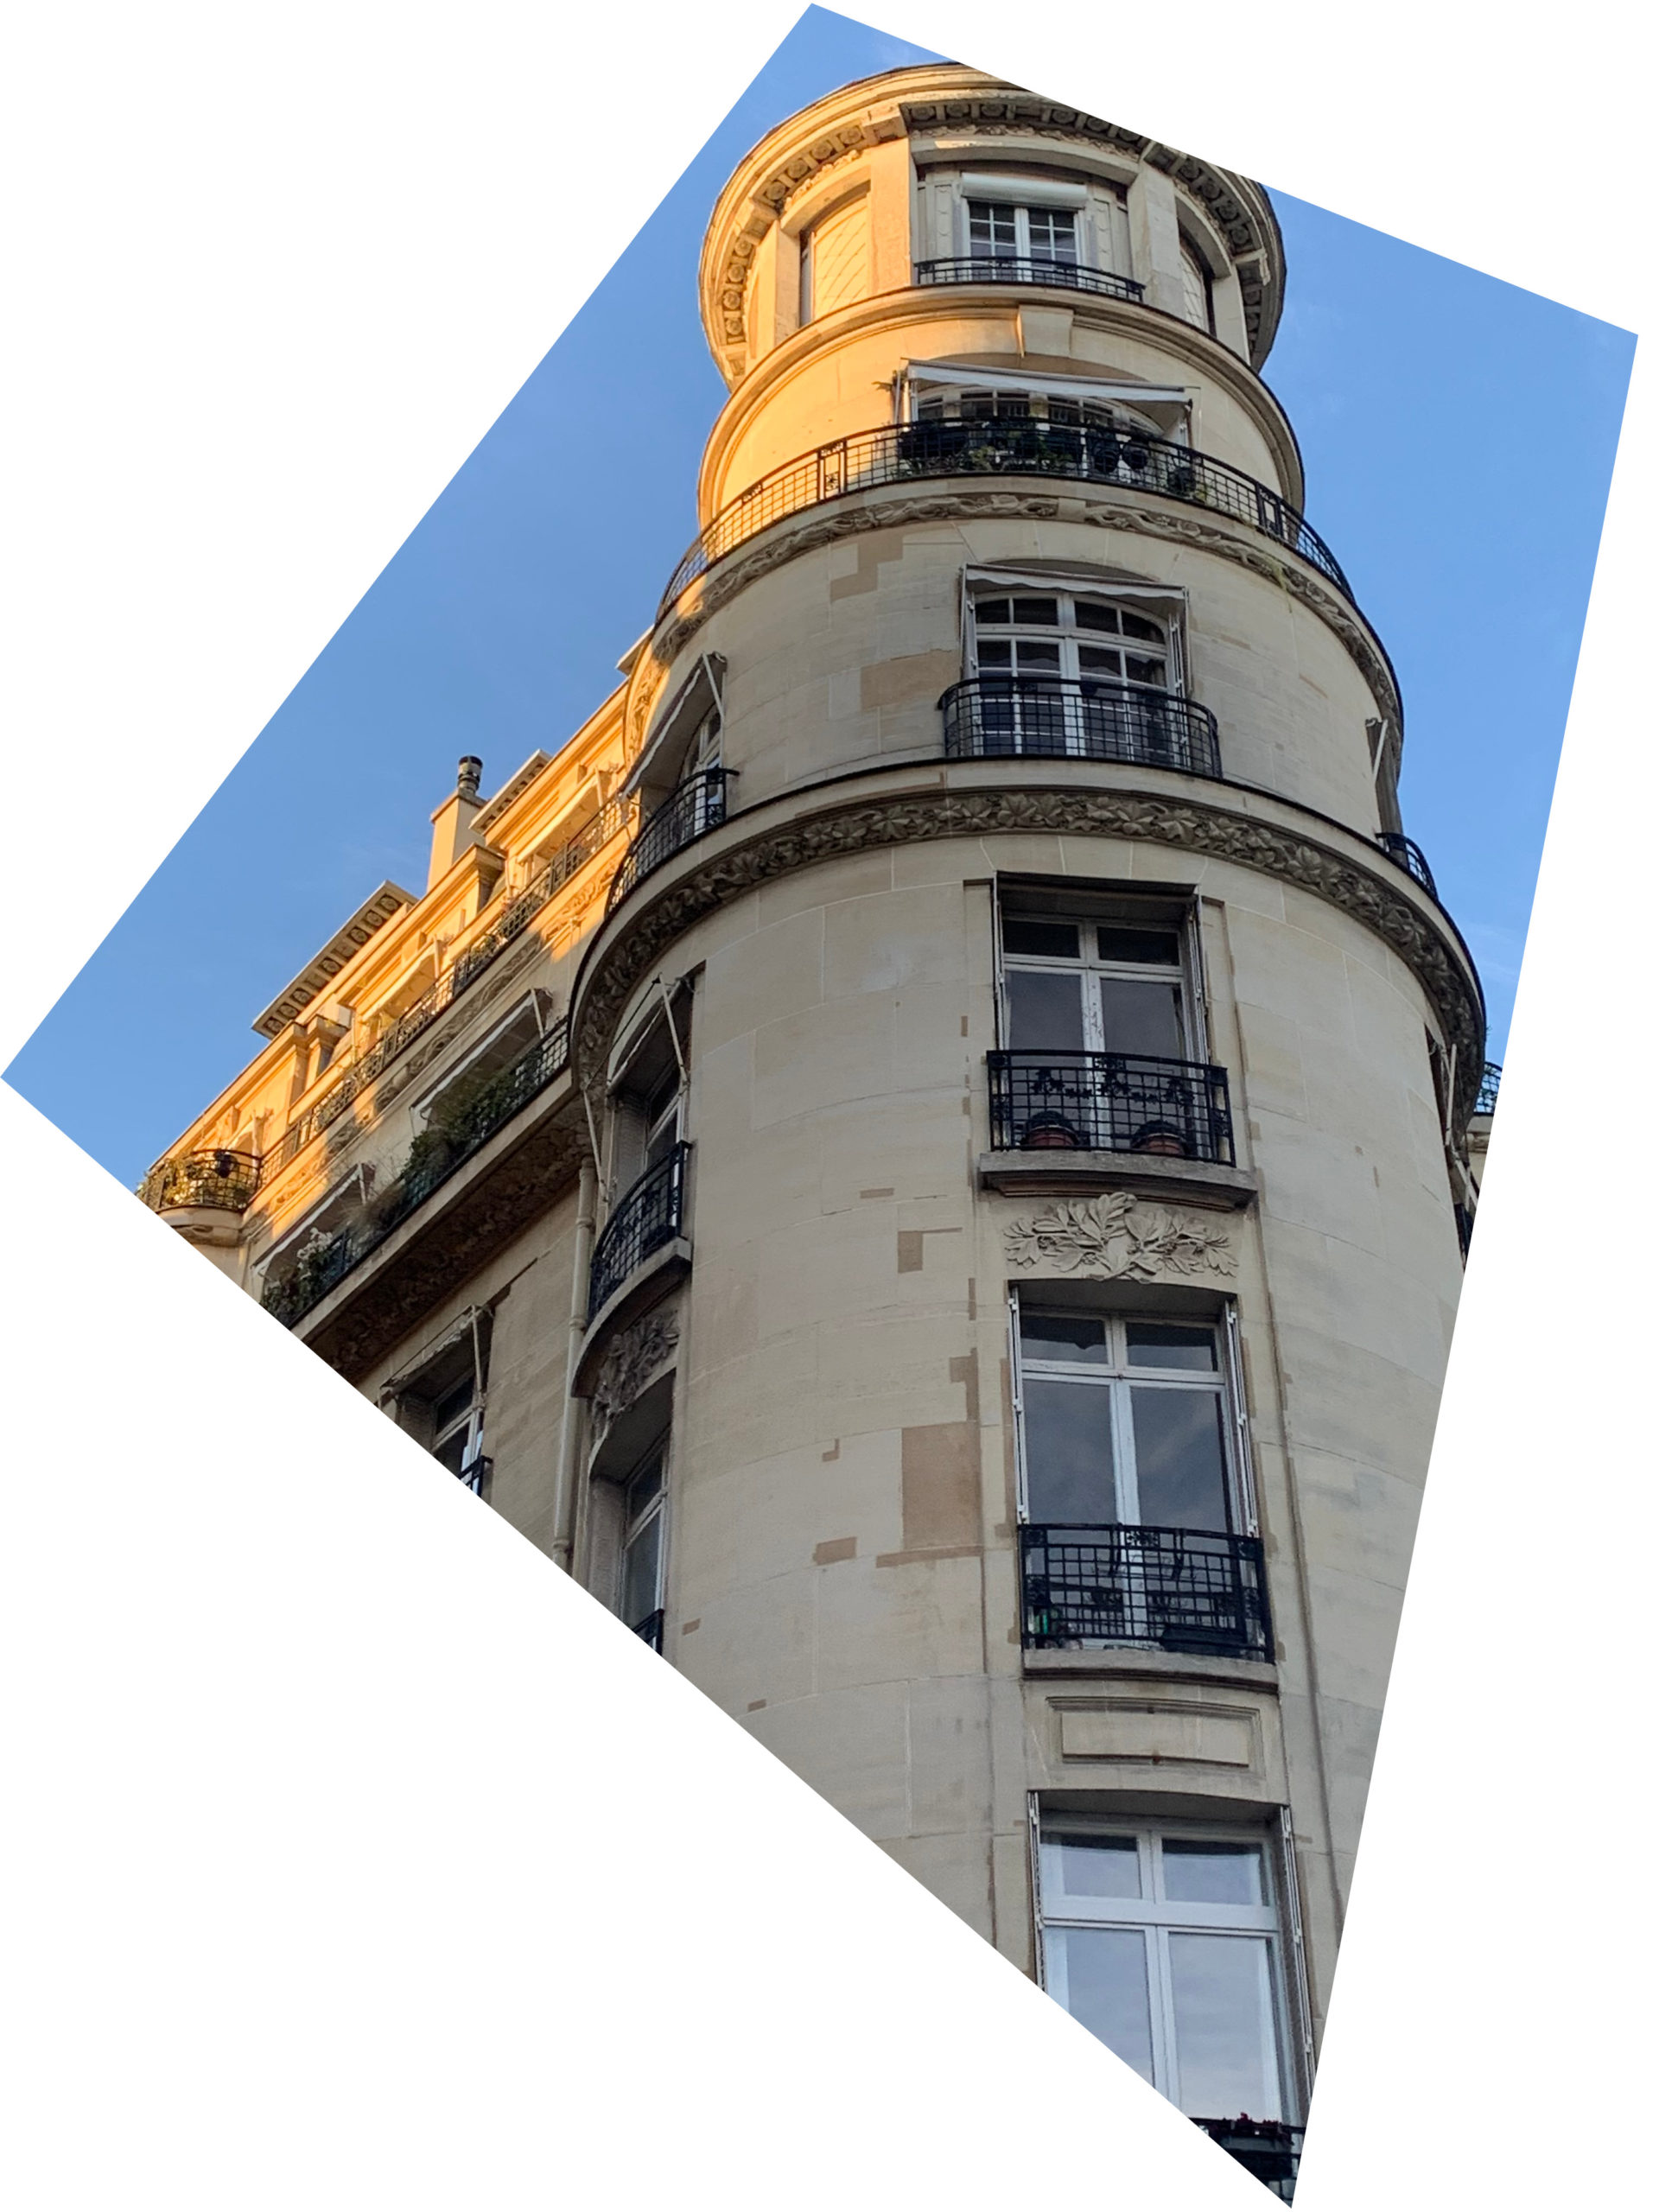 https://spqr-diag.fr/wp-content/uploads/2020/03/spqr-diagnostic-immobilier-paris-puteaux-region-parisienne-scaled.jpg